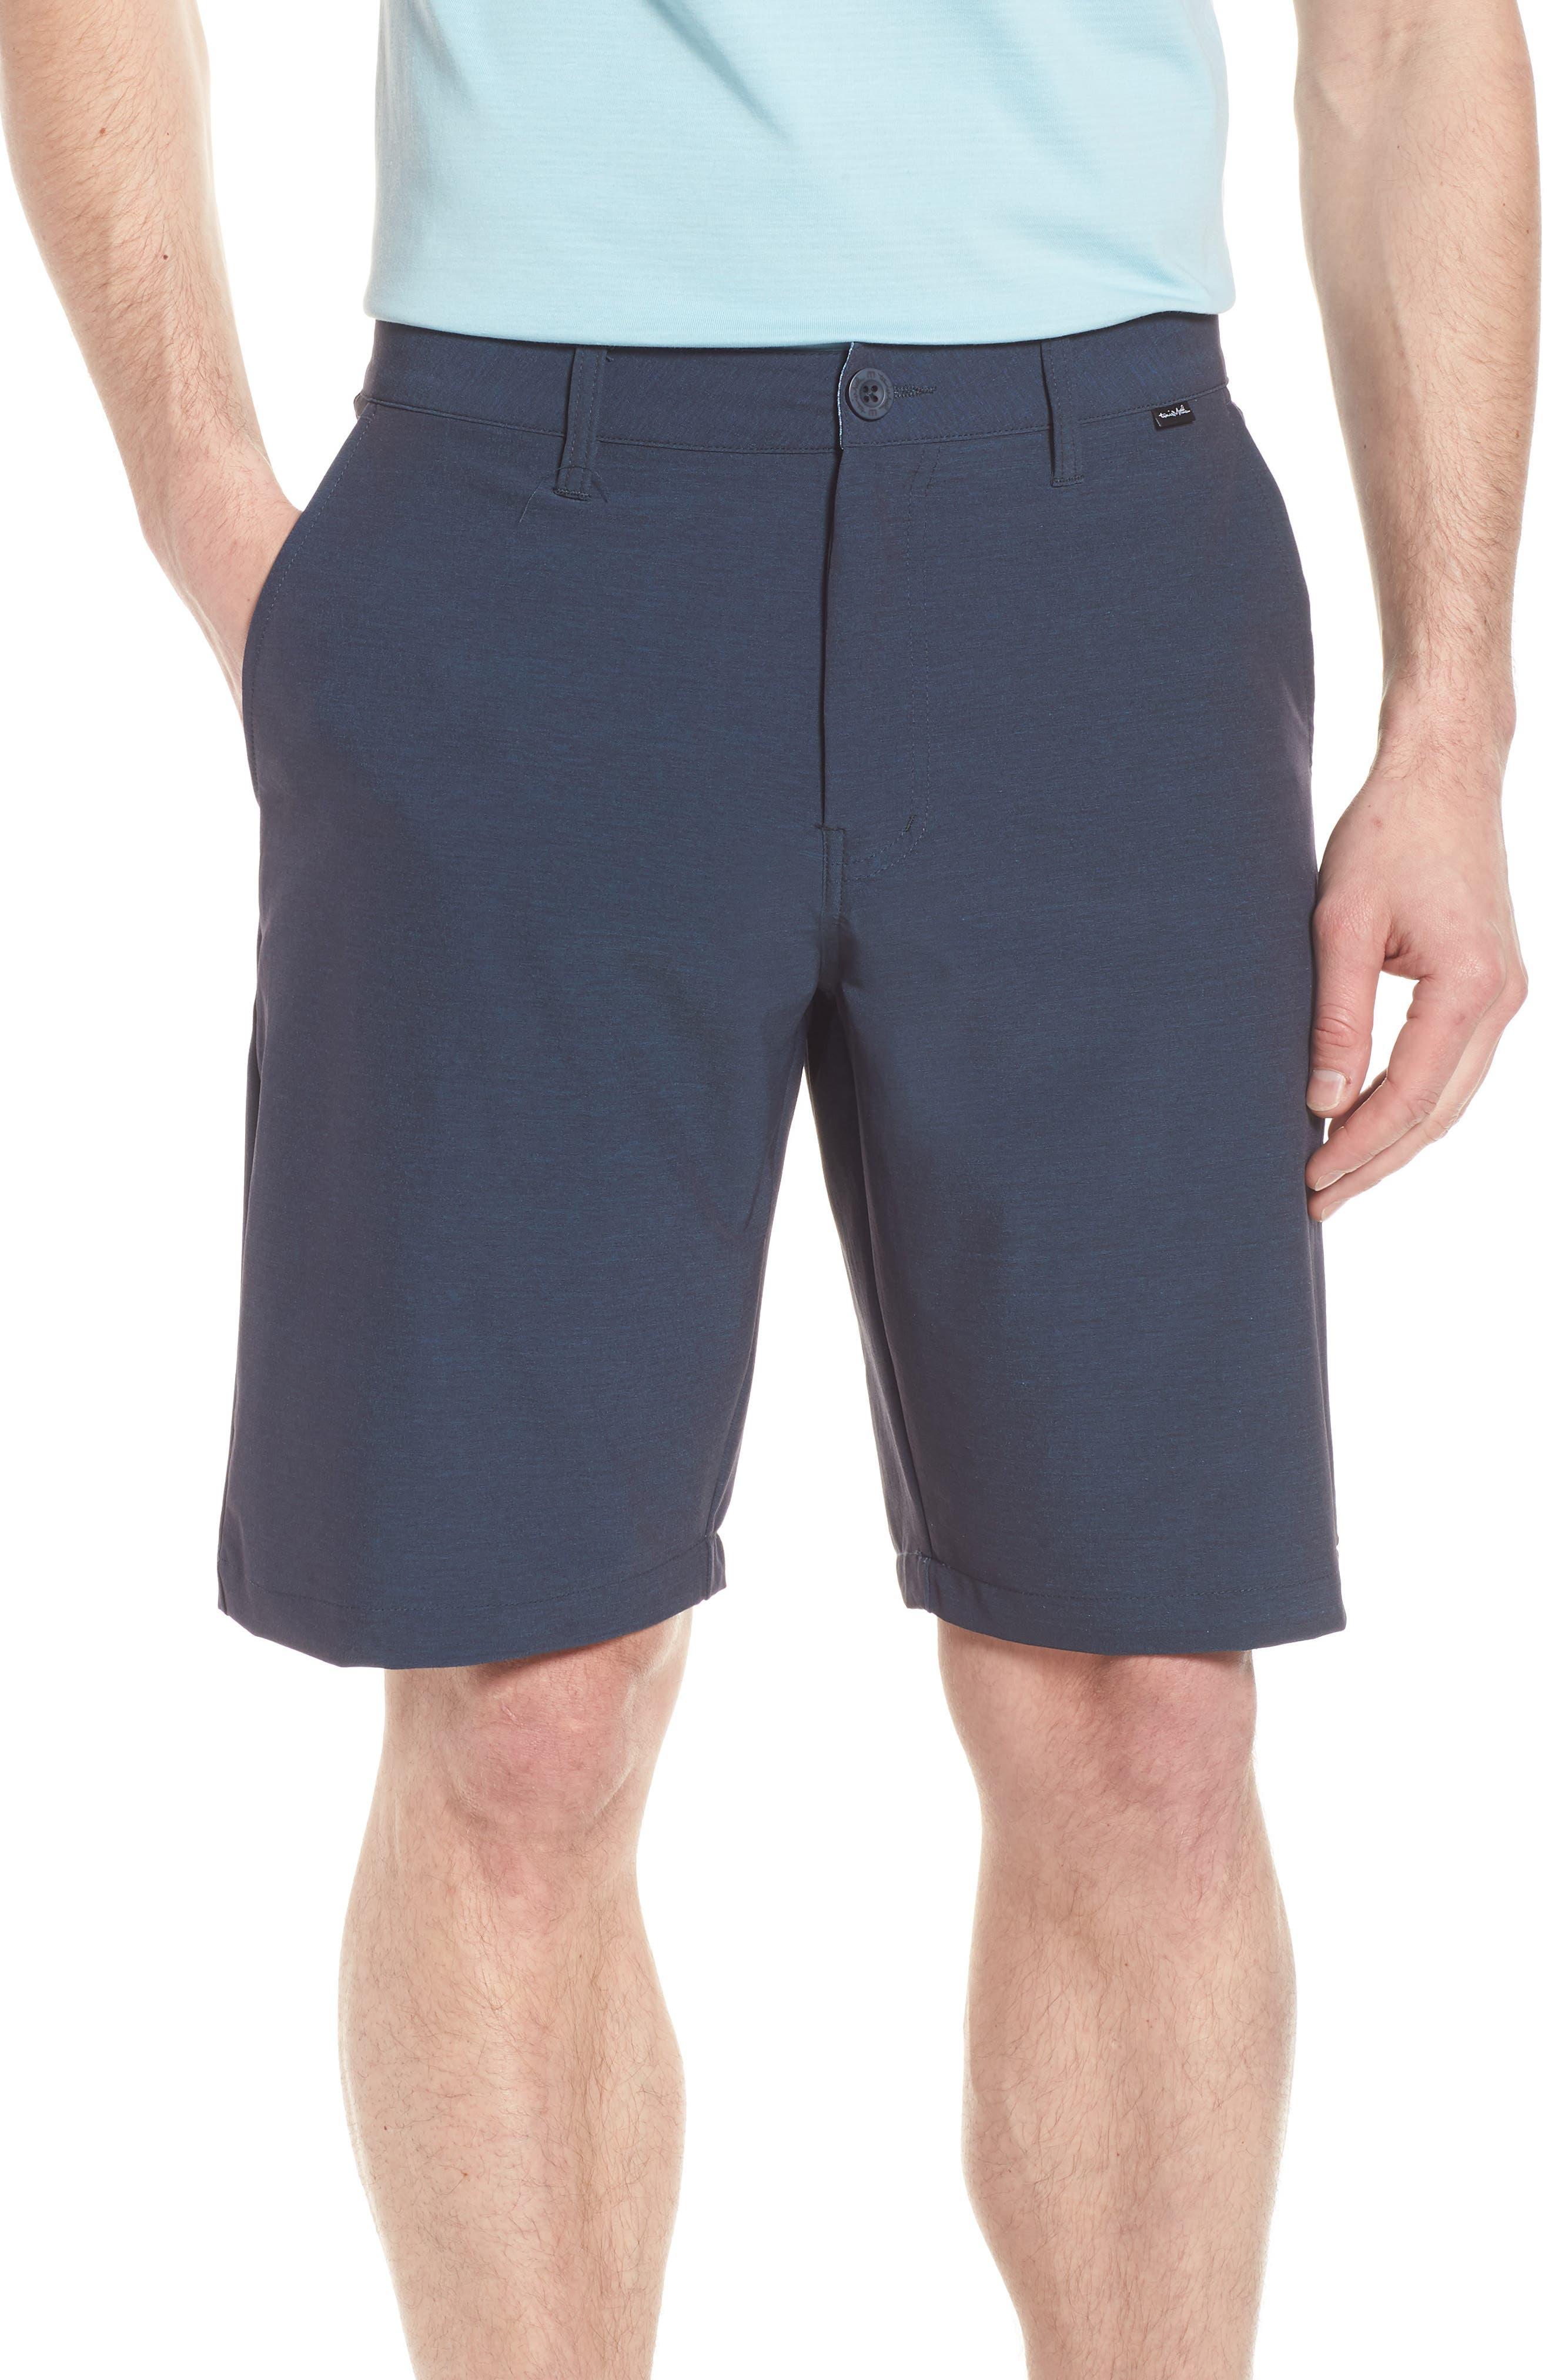 Pancho Shorts,                             Main thumbnail 1, color,